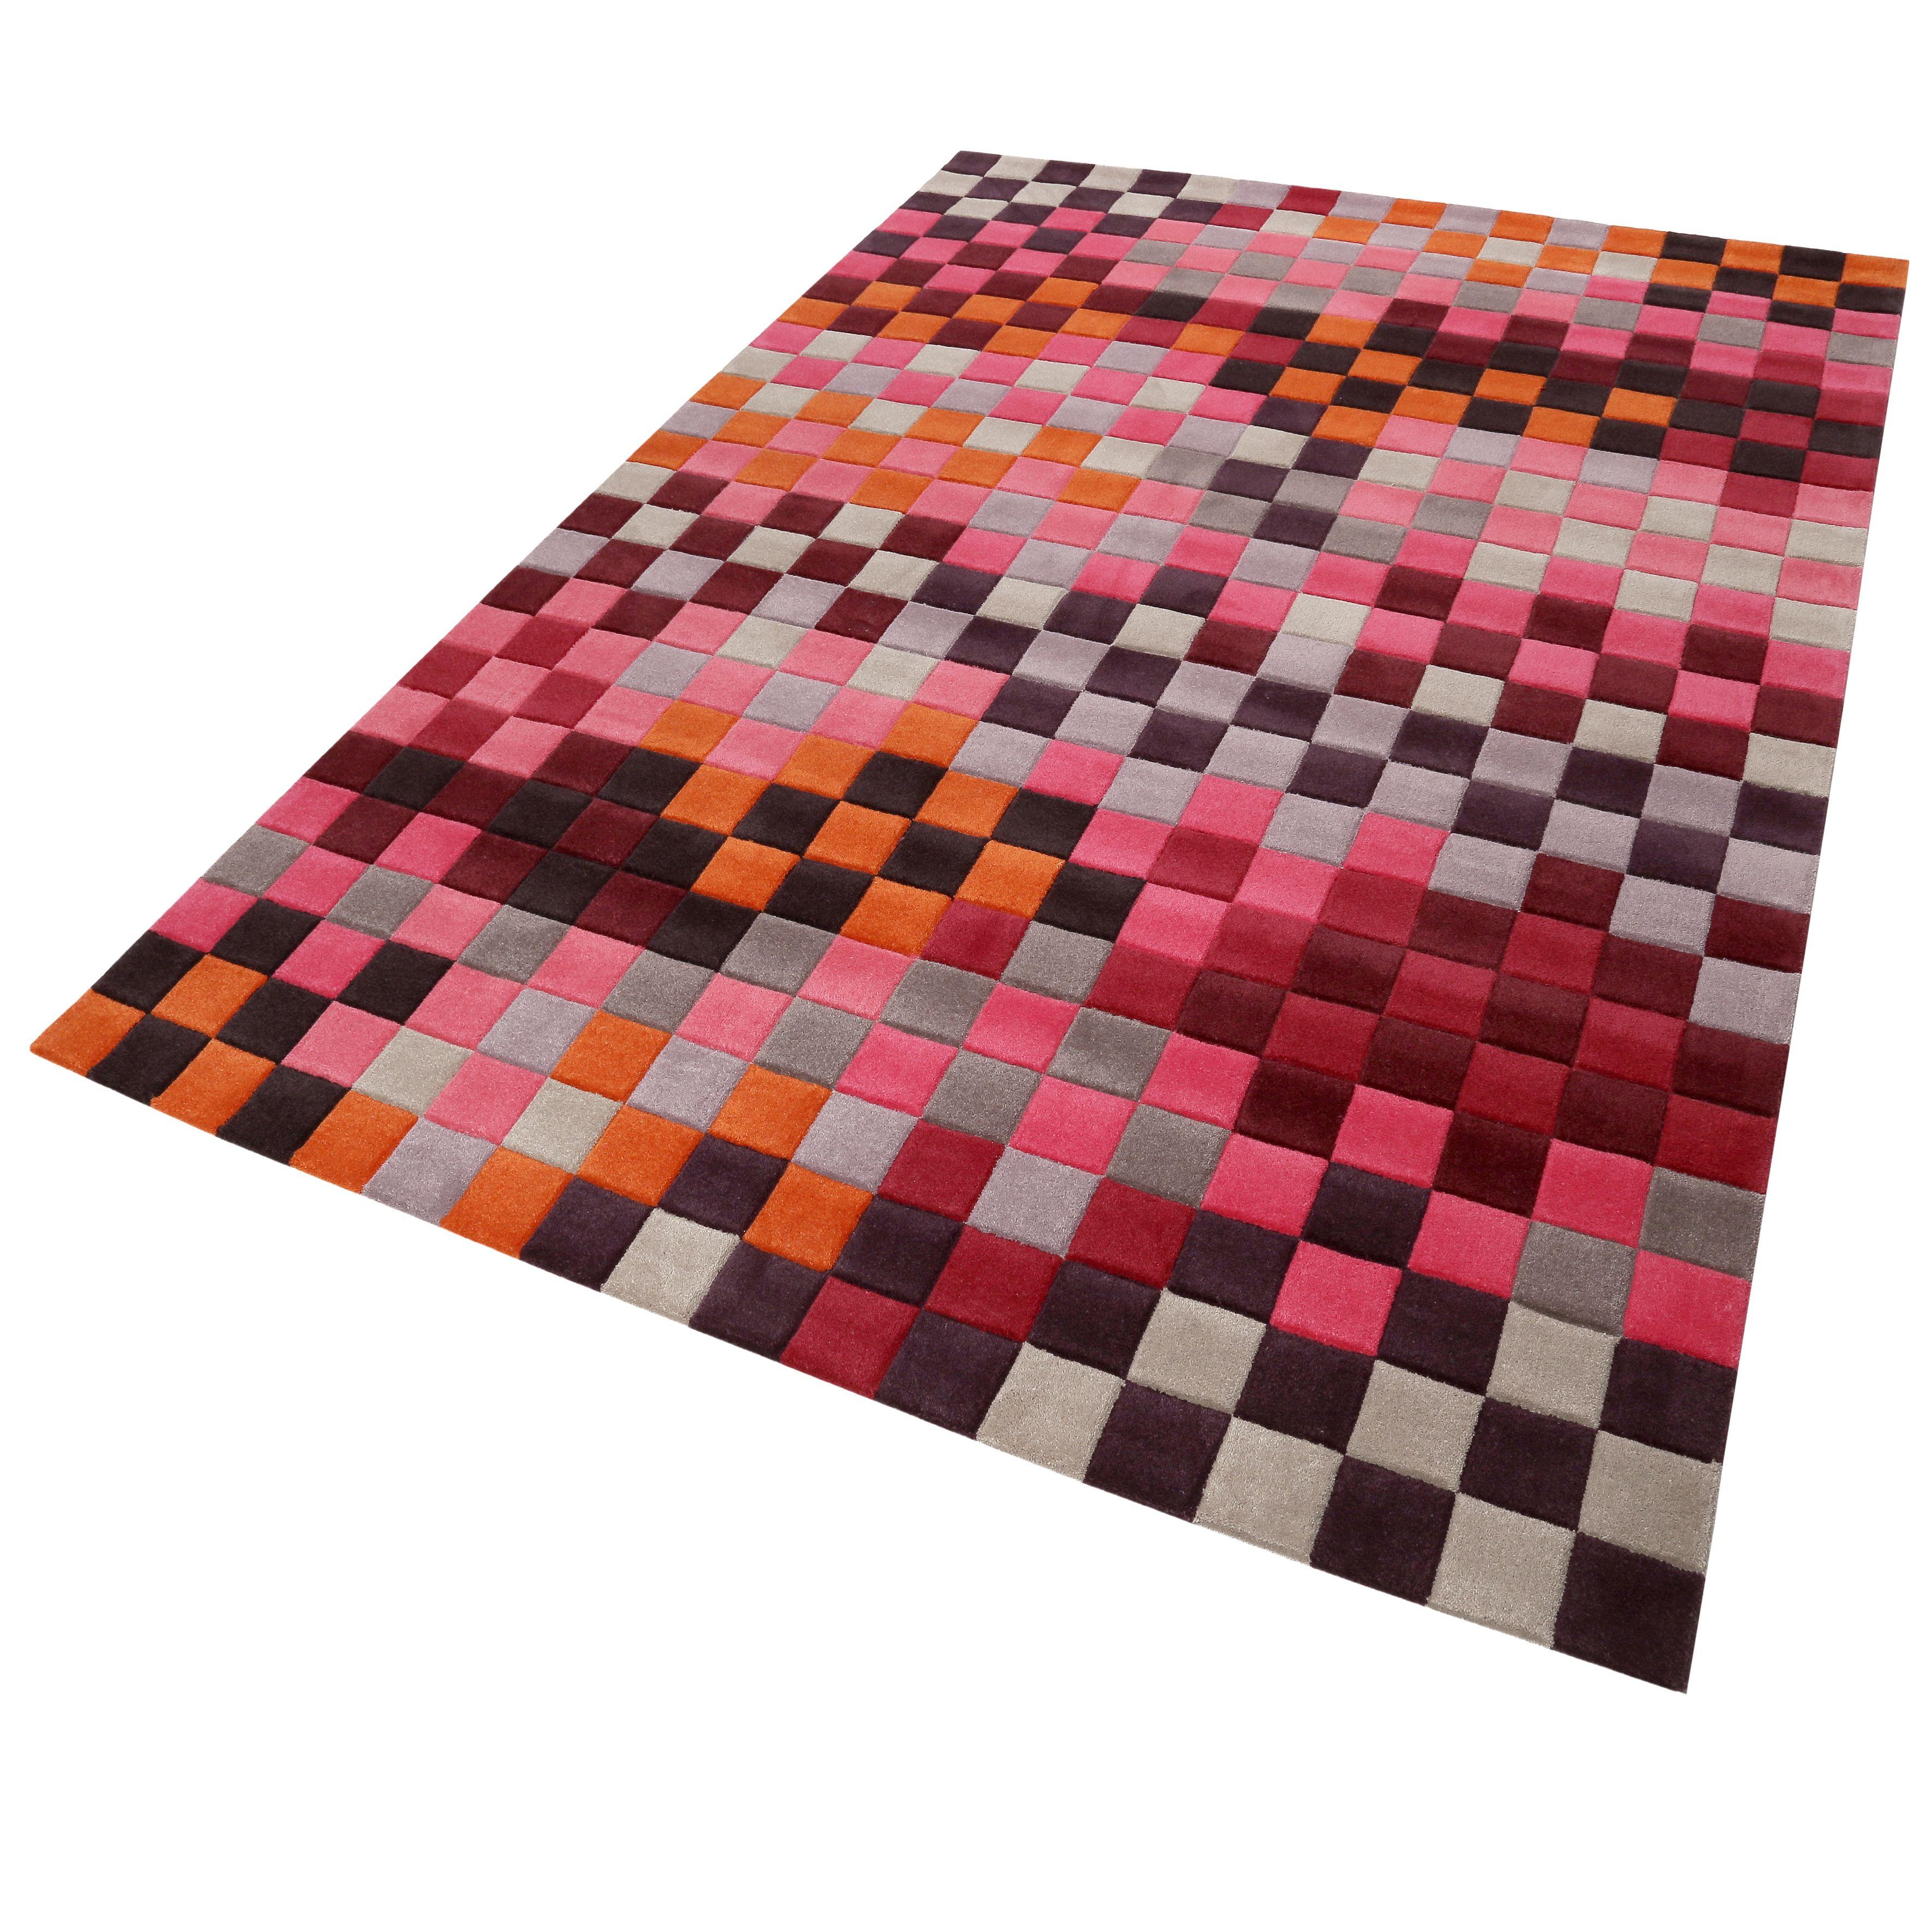 Esprit Kurzflor Teppich Aus Wolle Pixel Rot Orange Grau Silber Pink Orange Grau Teppich Kurzflor Teppiche